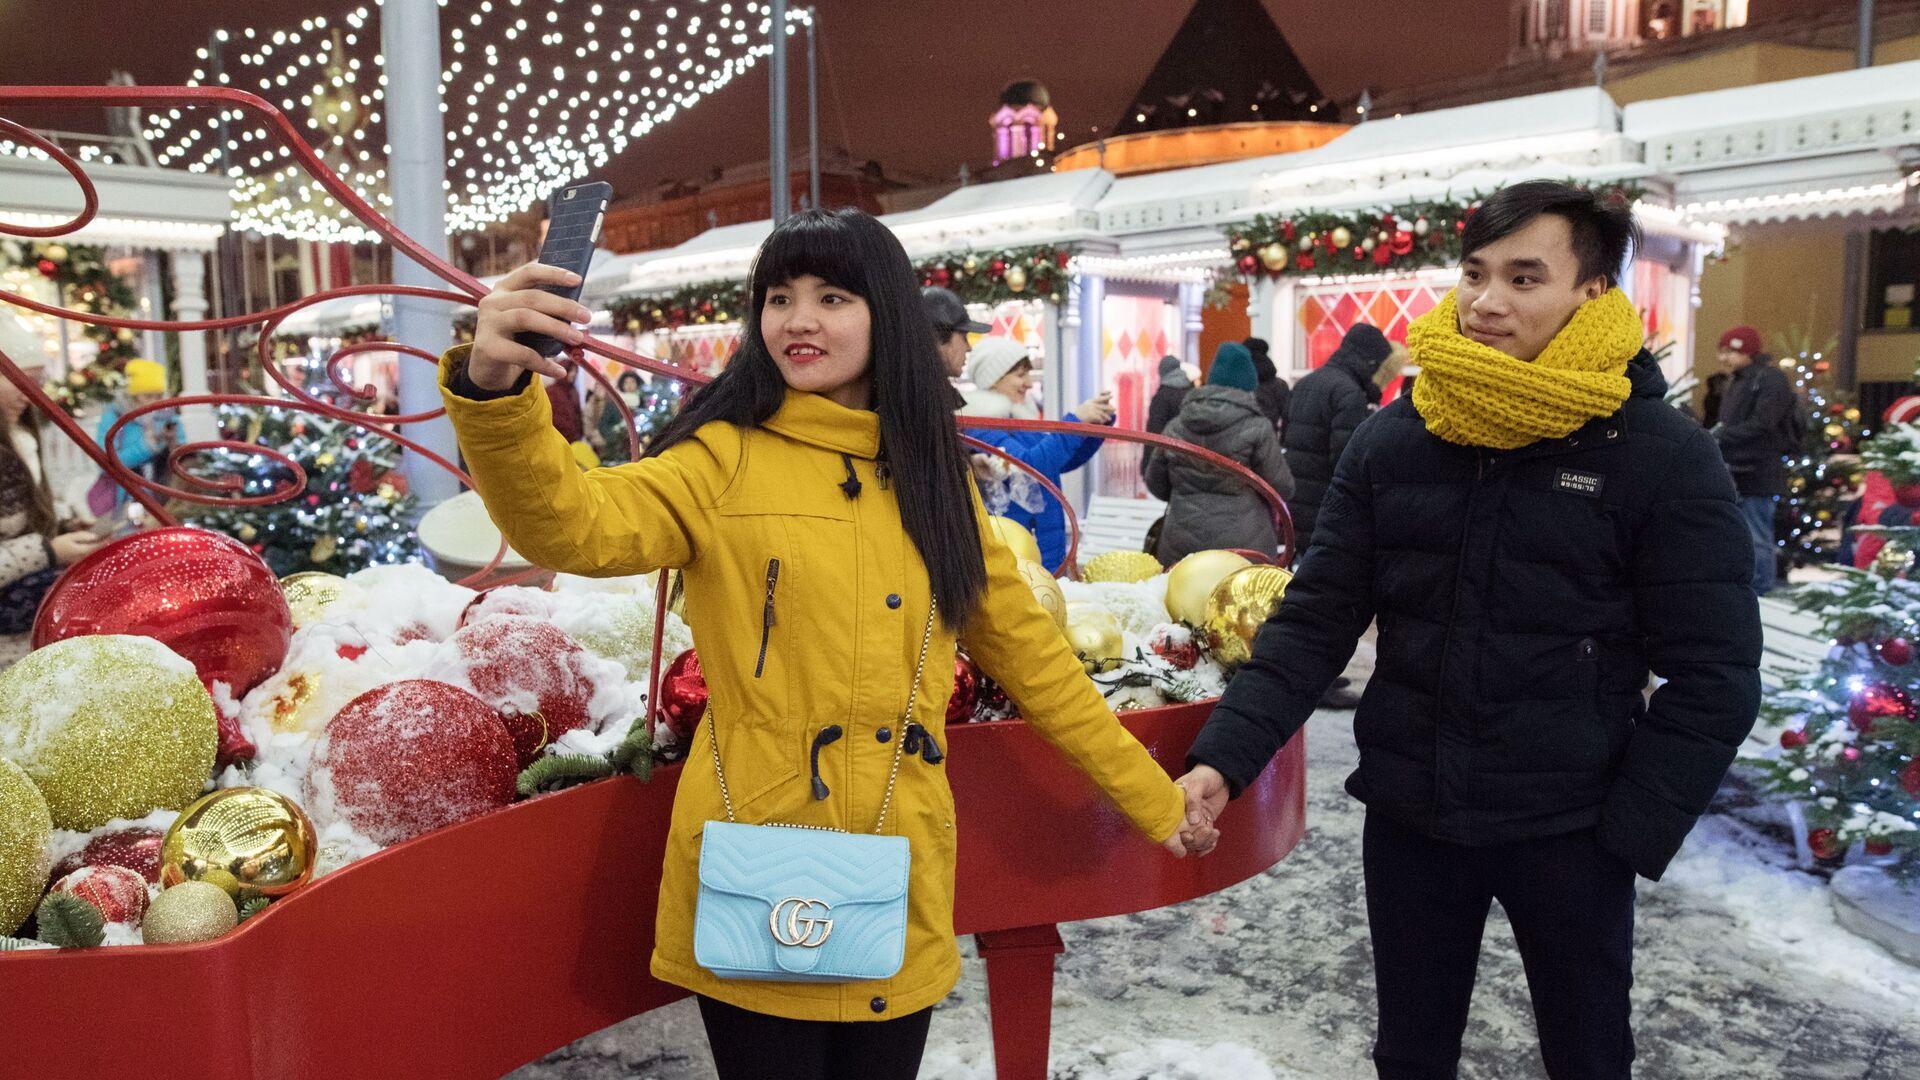 Туристы на новогодней ярмарке в центре Москвы - РИА Новости, 1920, 09.12.2020